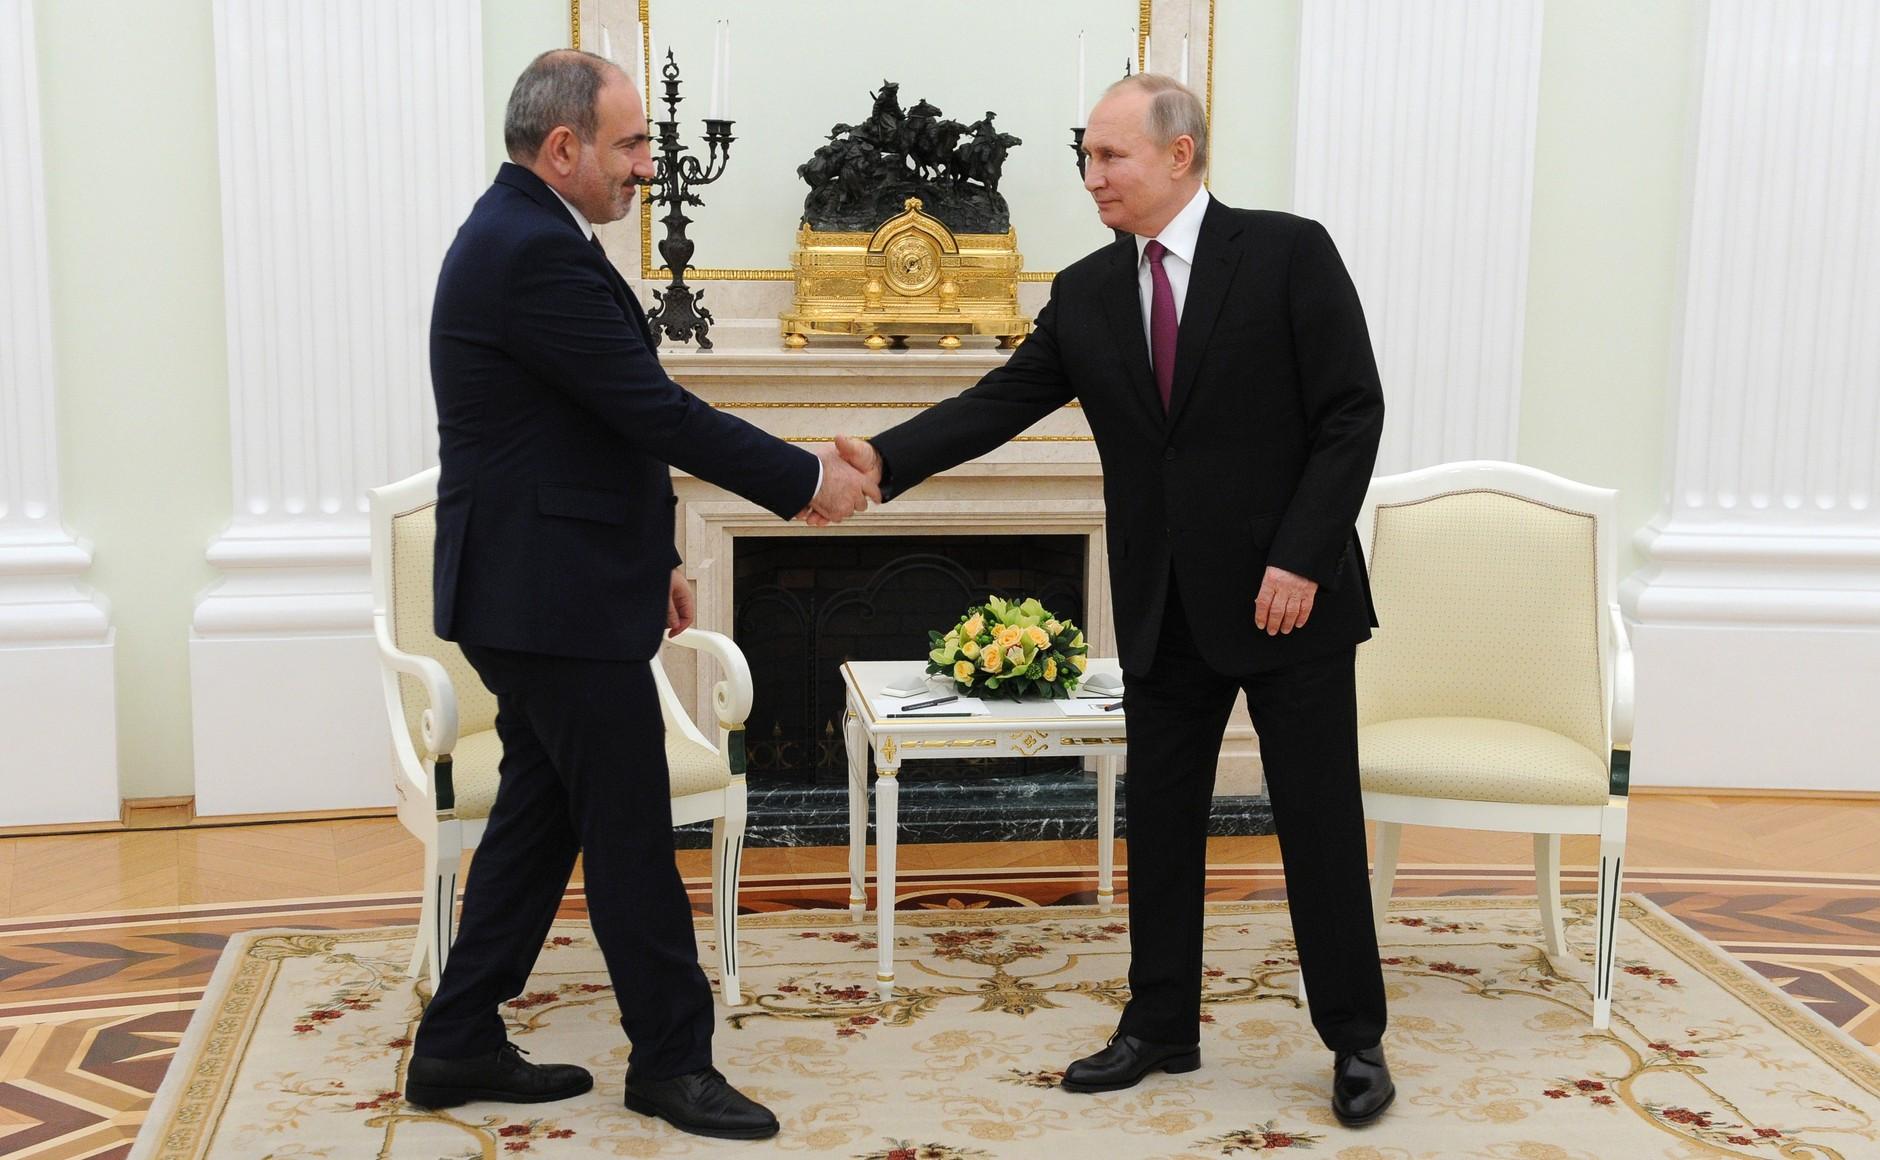 KREMLIN ARMENIE 1 DE 2 Rencontre avec le Premier ministre arménien Nikol Pashinyan - 11 janvier 2021 - 19H30